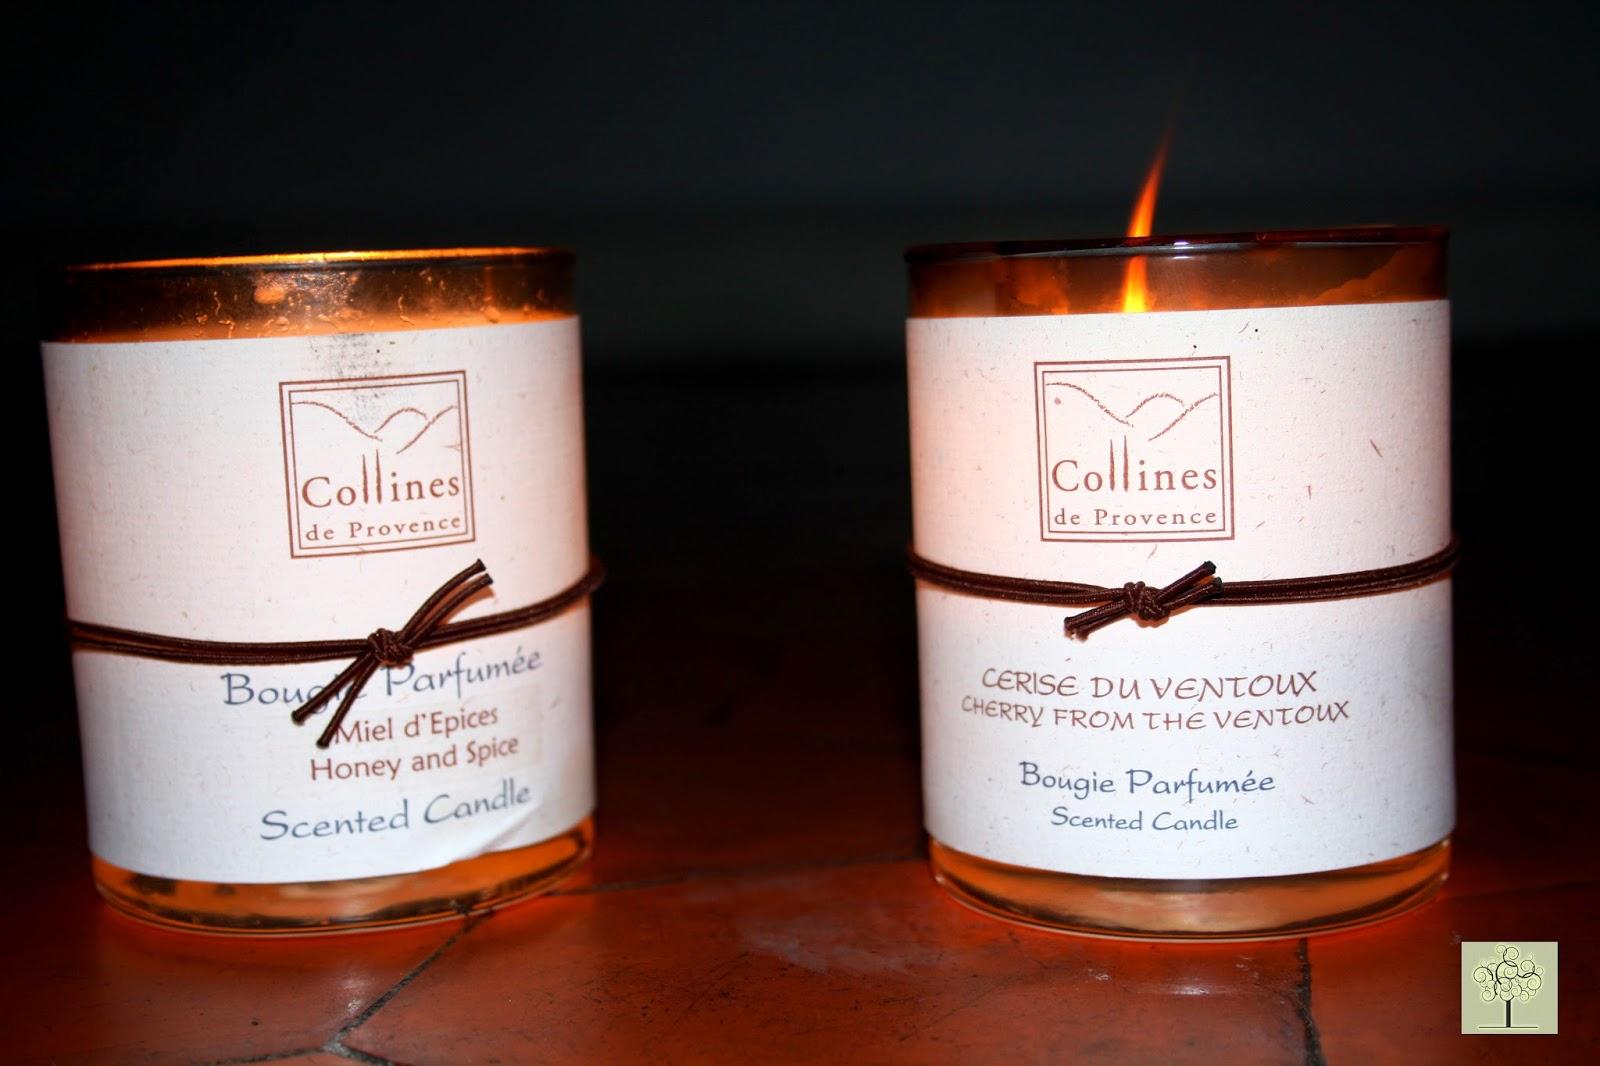 bougies collines provence miel d'épices cerise du ventoux bio naturel